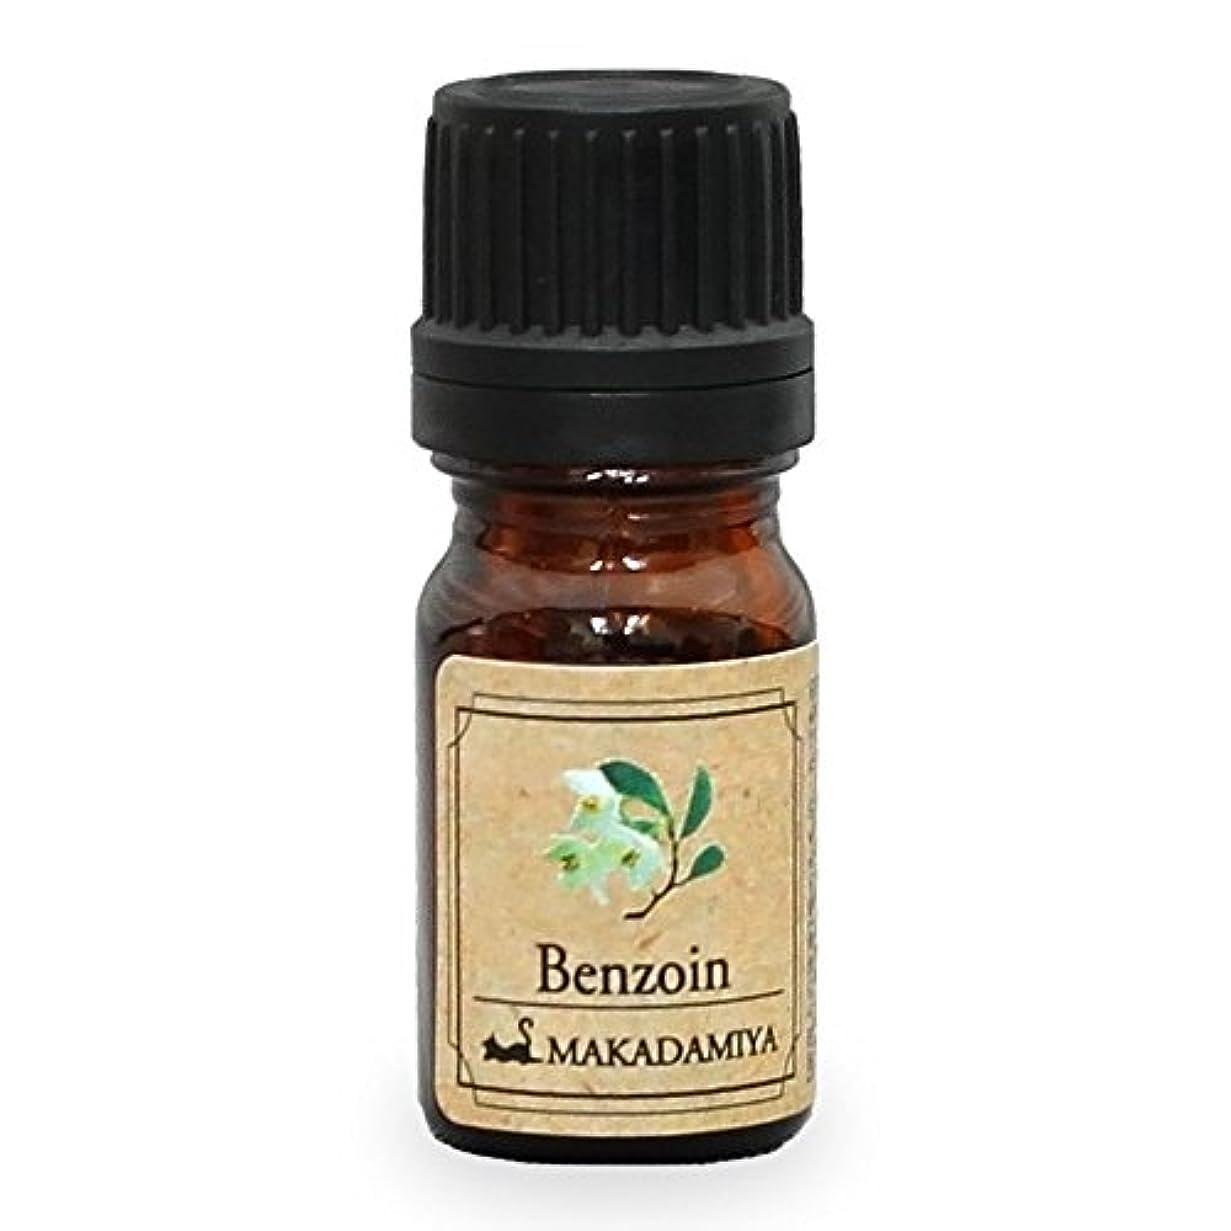 戸棚洗練シルクベンゾイン5ml天然100%植物性エッセンシャルオイル(精油)アロマオイルアロママッサージアロマテラピーaroma Benzoin